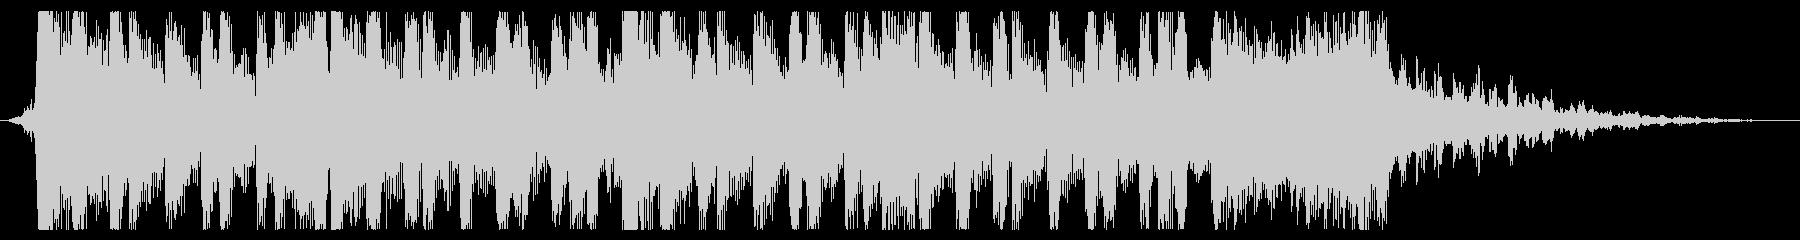 重いデジタルロック風サウンドロゴの未再生の波形